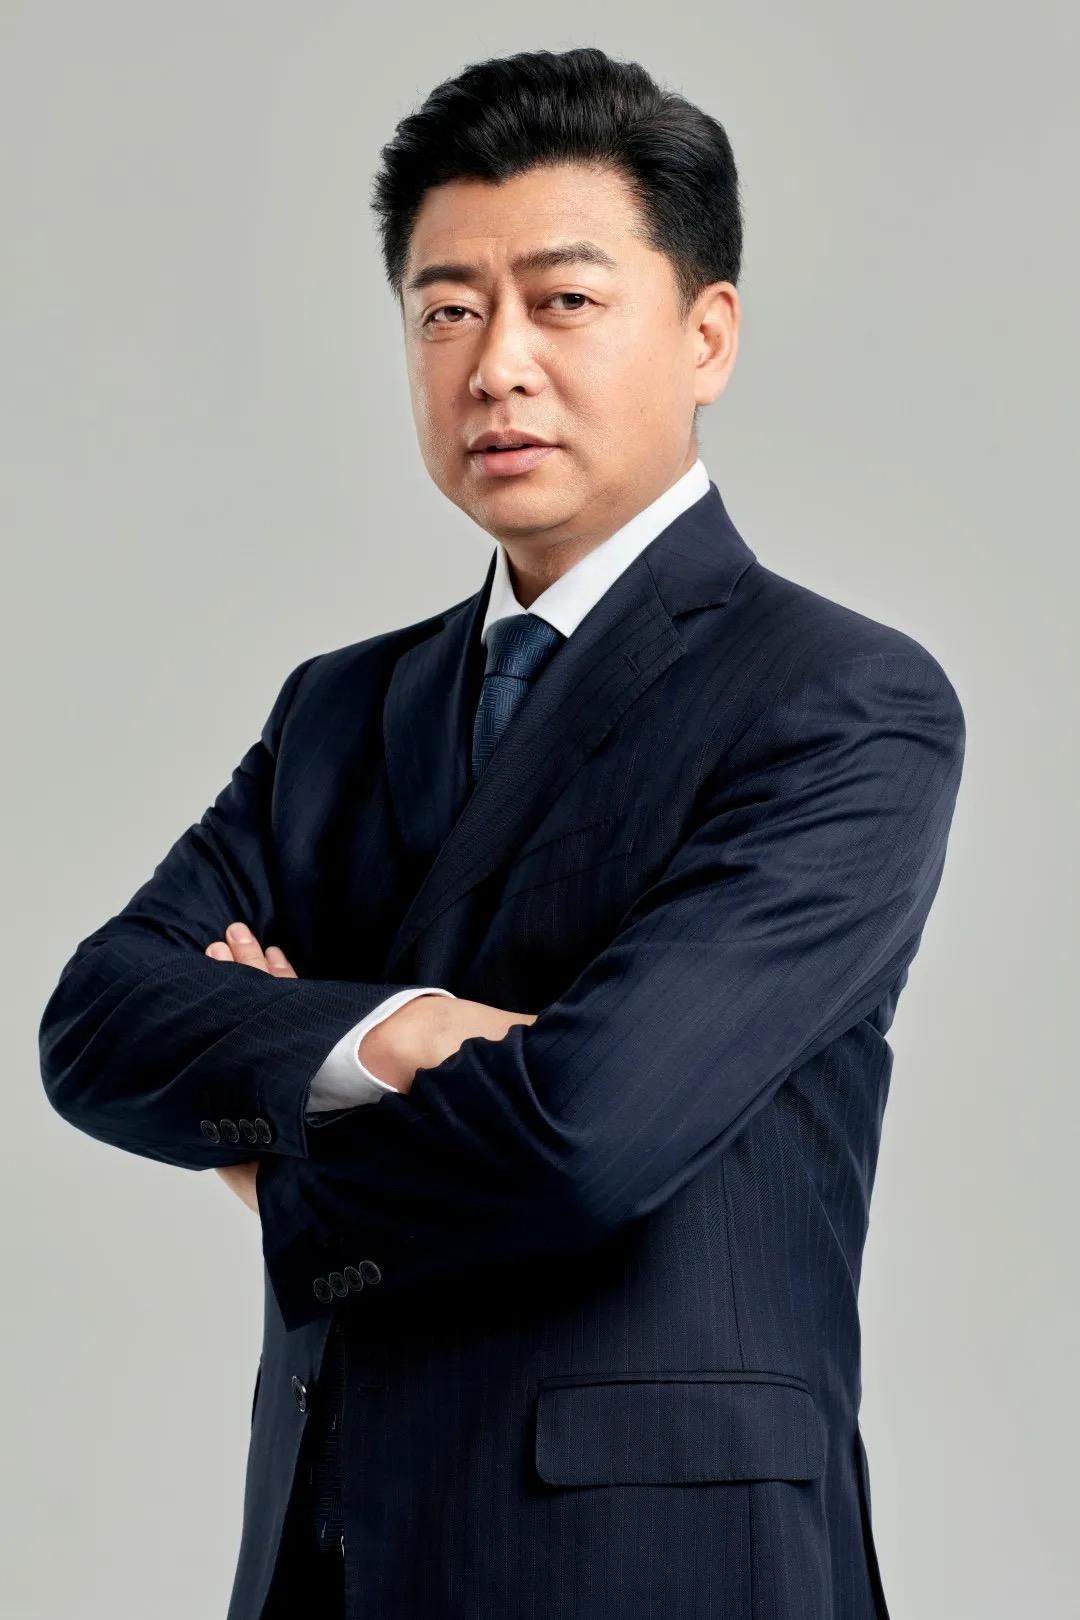 凤凰城代理注册一汽-大众马振山出任奇瑞捷豹路虎汽车有限公司常务副总裁,此职位已空窗7个月